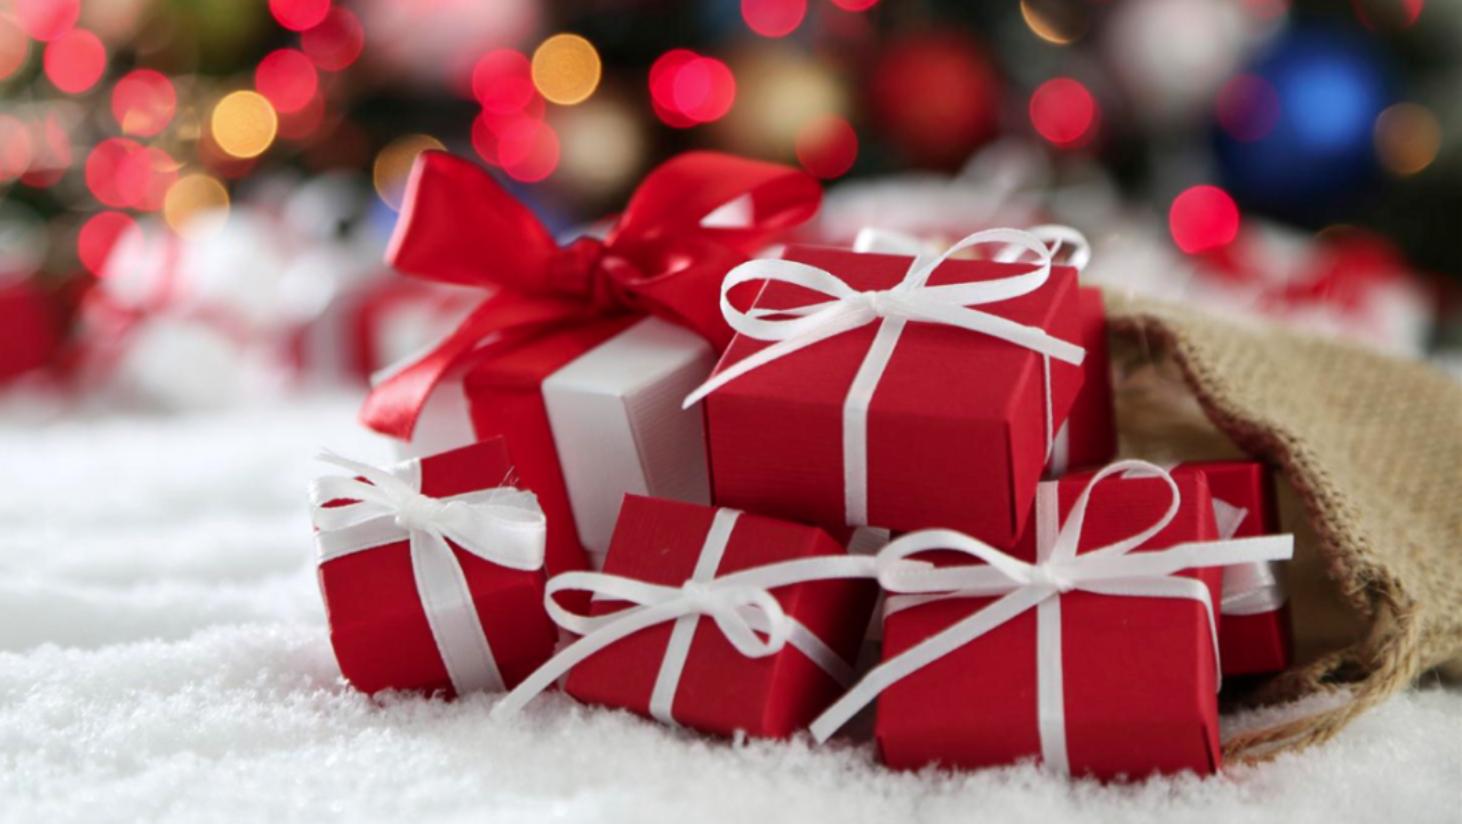 Idee Regalo Natale Per Colleghe.Regali Low Cost Per Amici E Colleghi Tgcom24